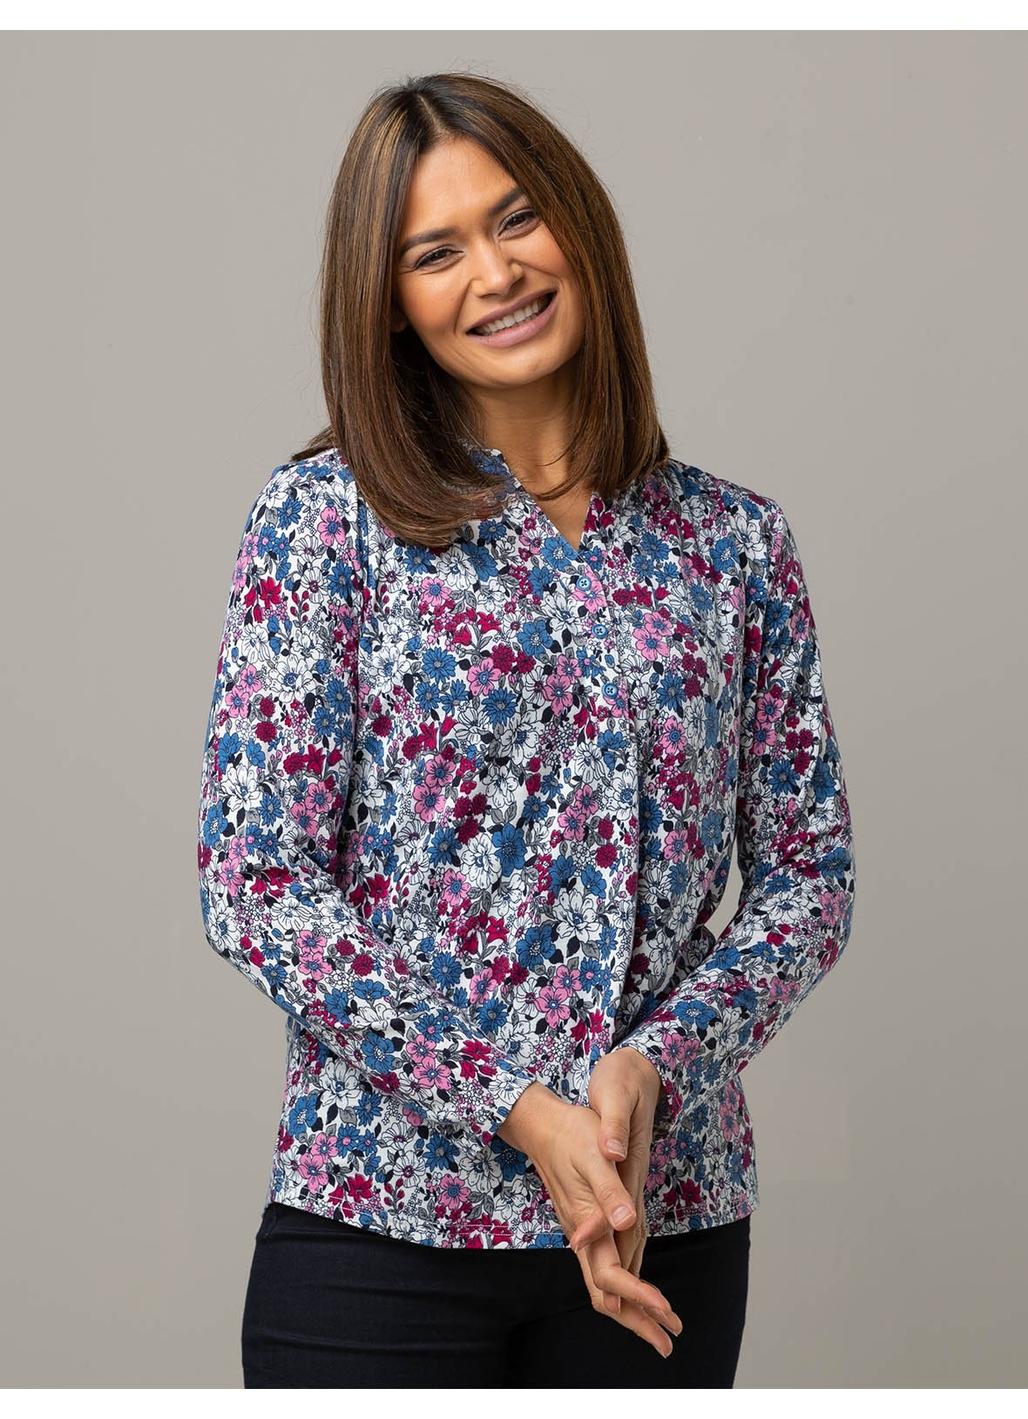 Celia Long Sleeve Floral Top in Denim Blue